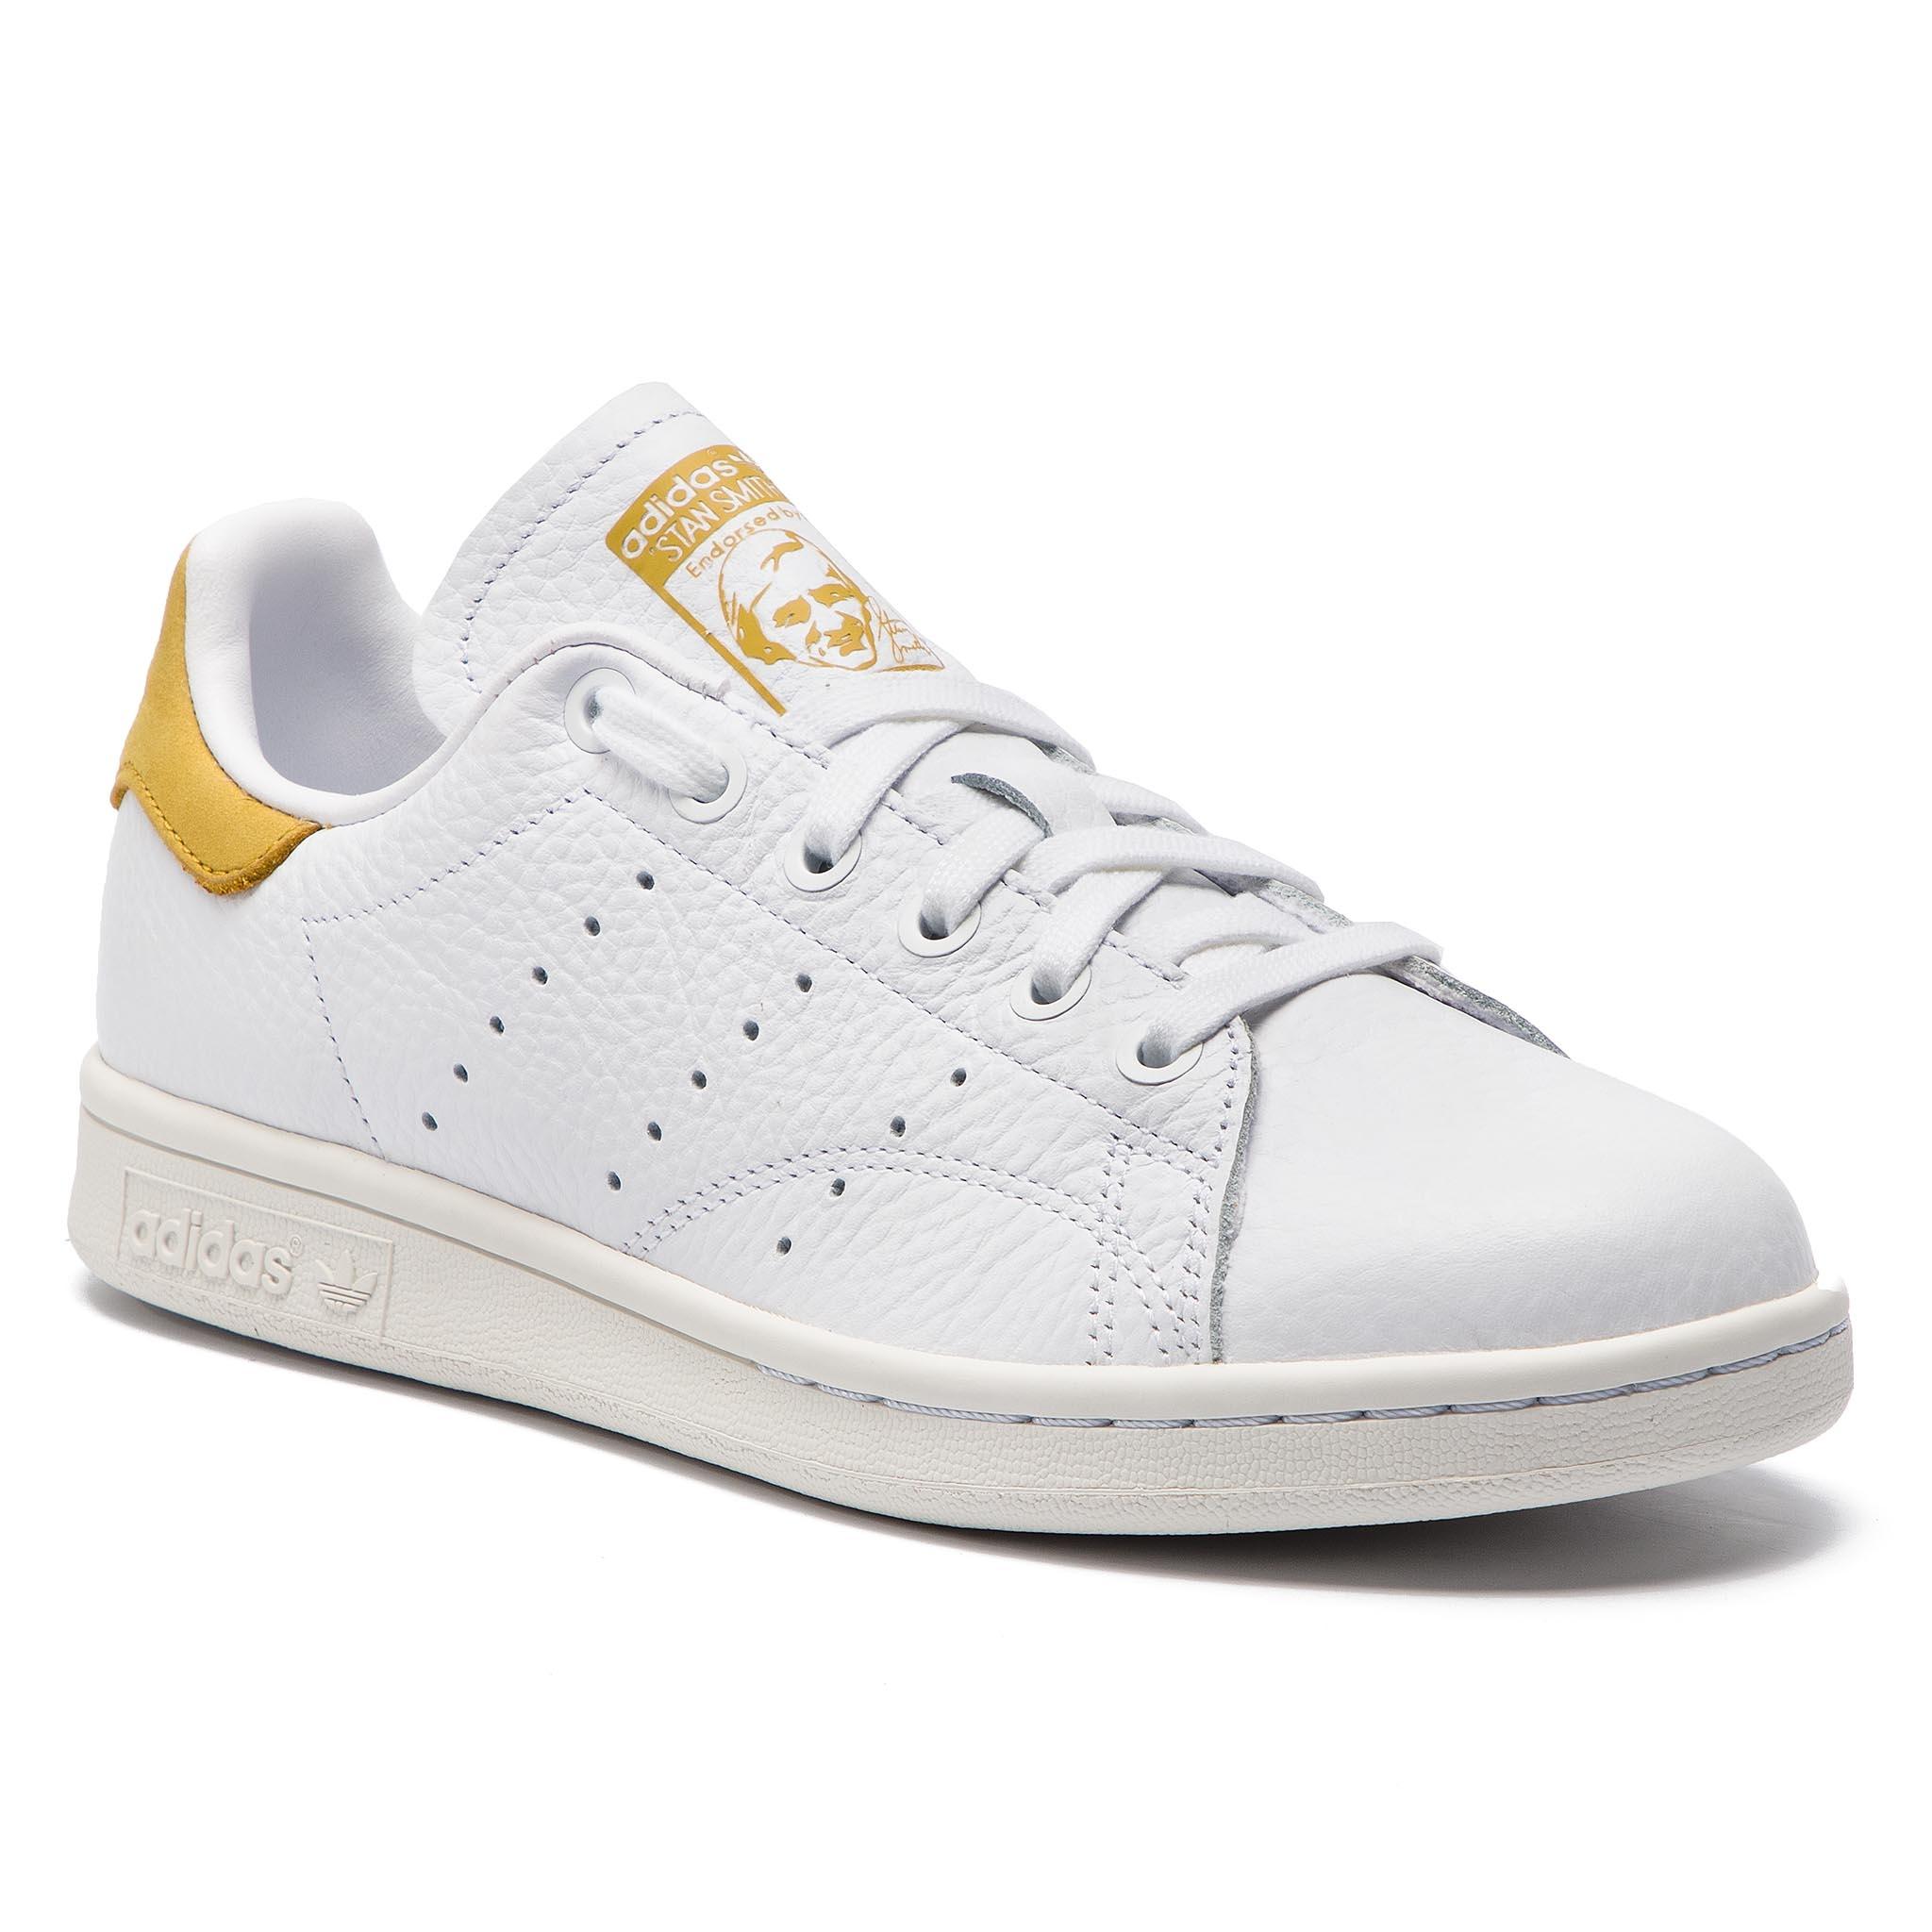 Footwear Shoes eu Www Women's Efootwear Quality Online – 0N8nPXZwOk